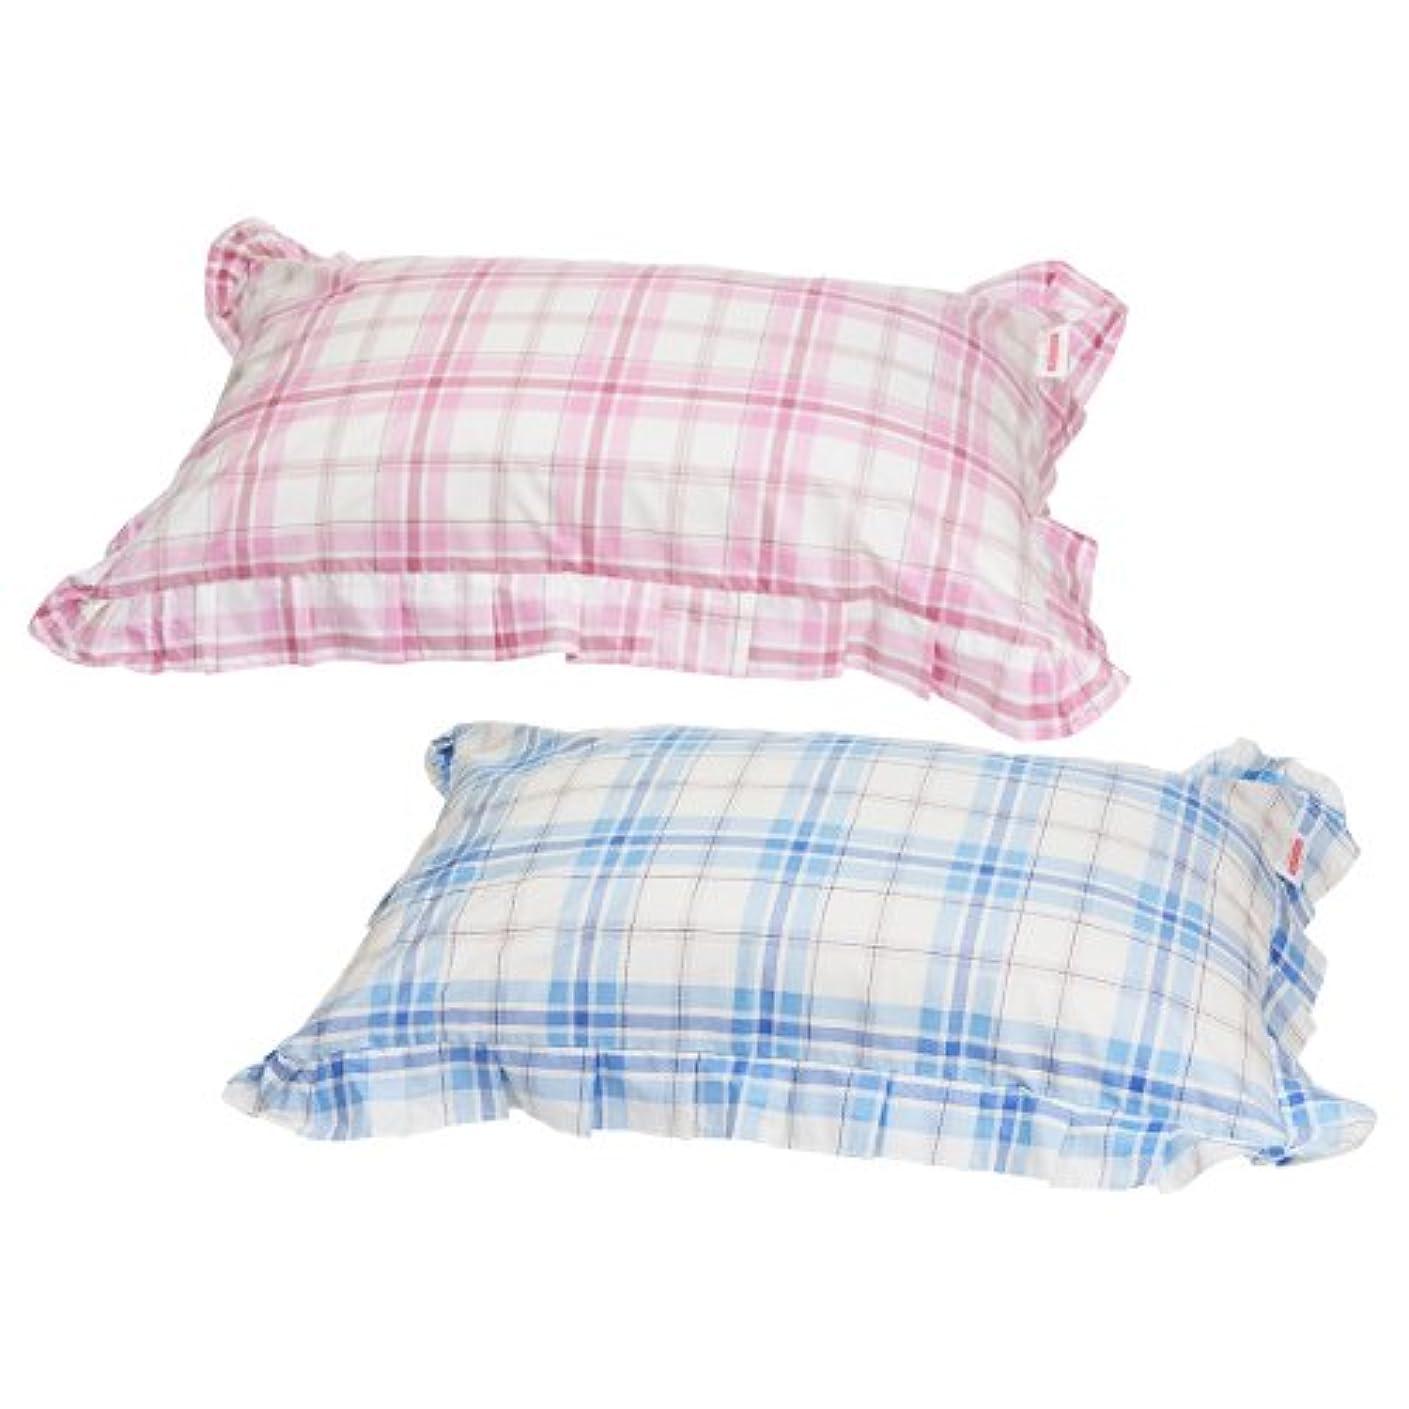 運営ではごきげんよう不変枕カバー 43×70cmの枕用 ファスナー式 タータンチェック フリル仕上げ 安心の日本製 ブルー